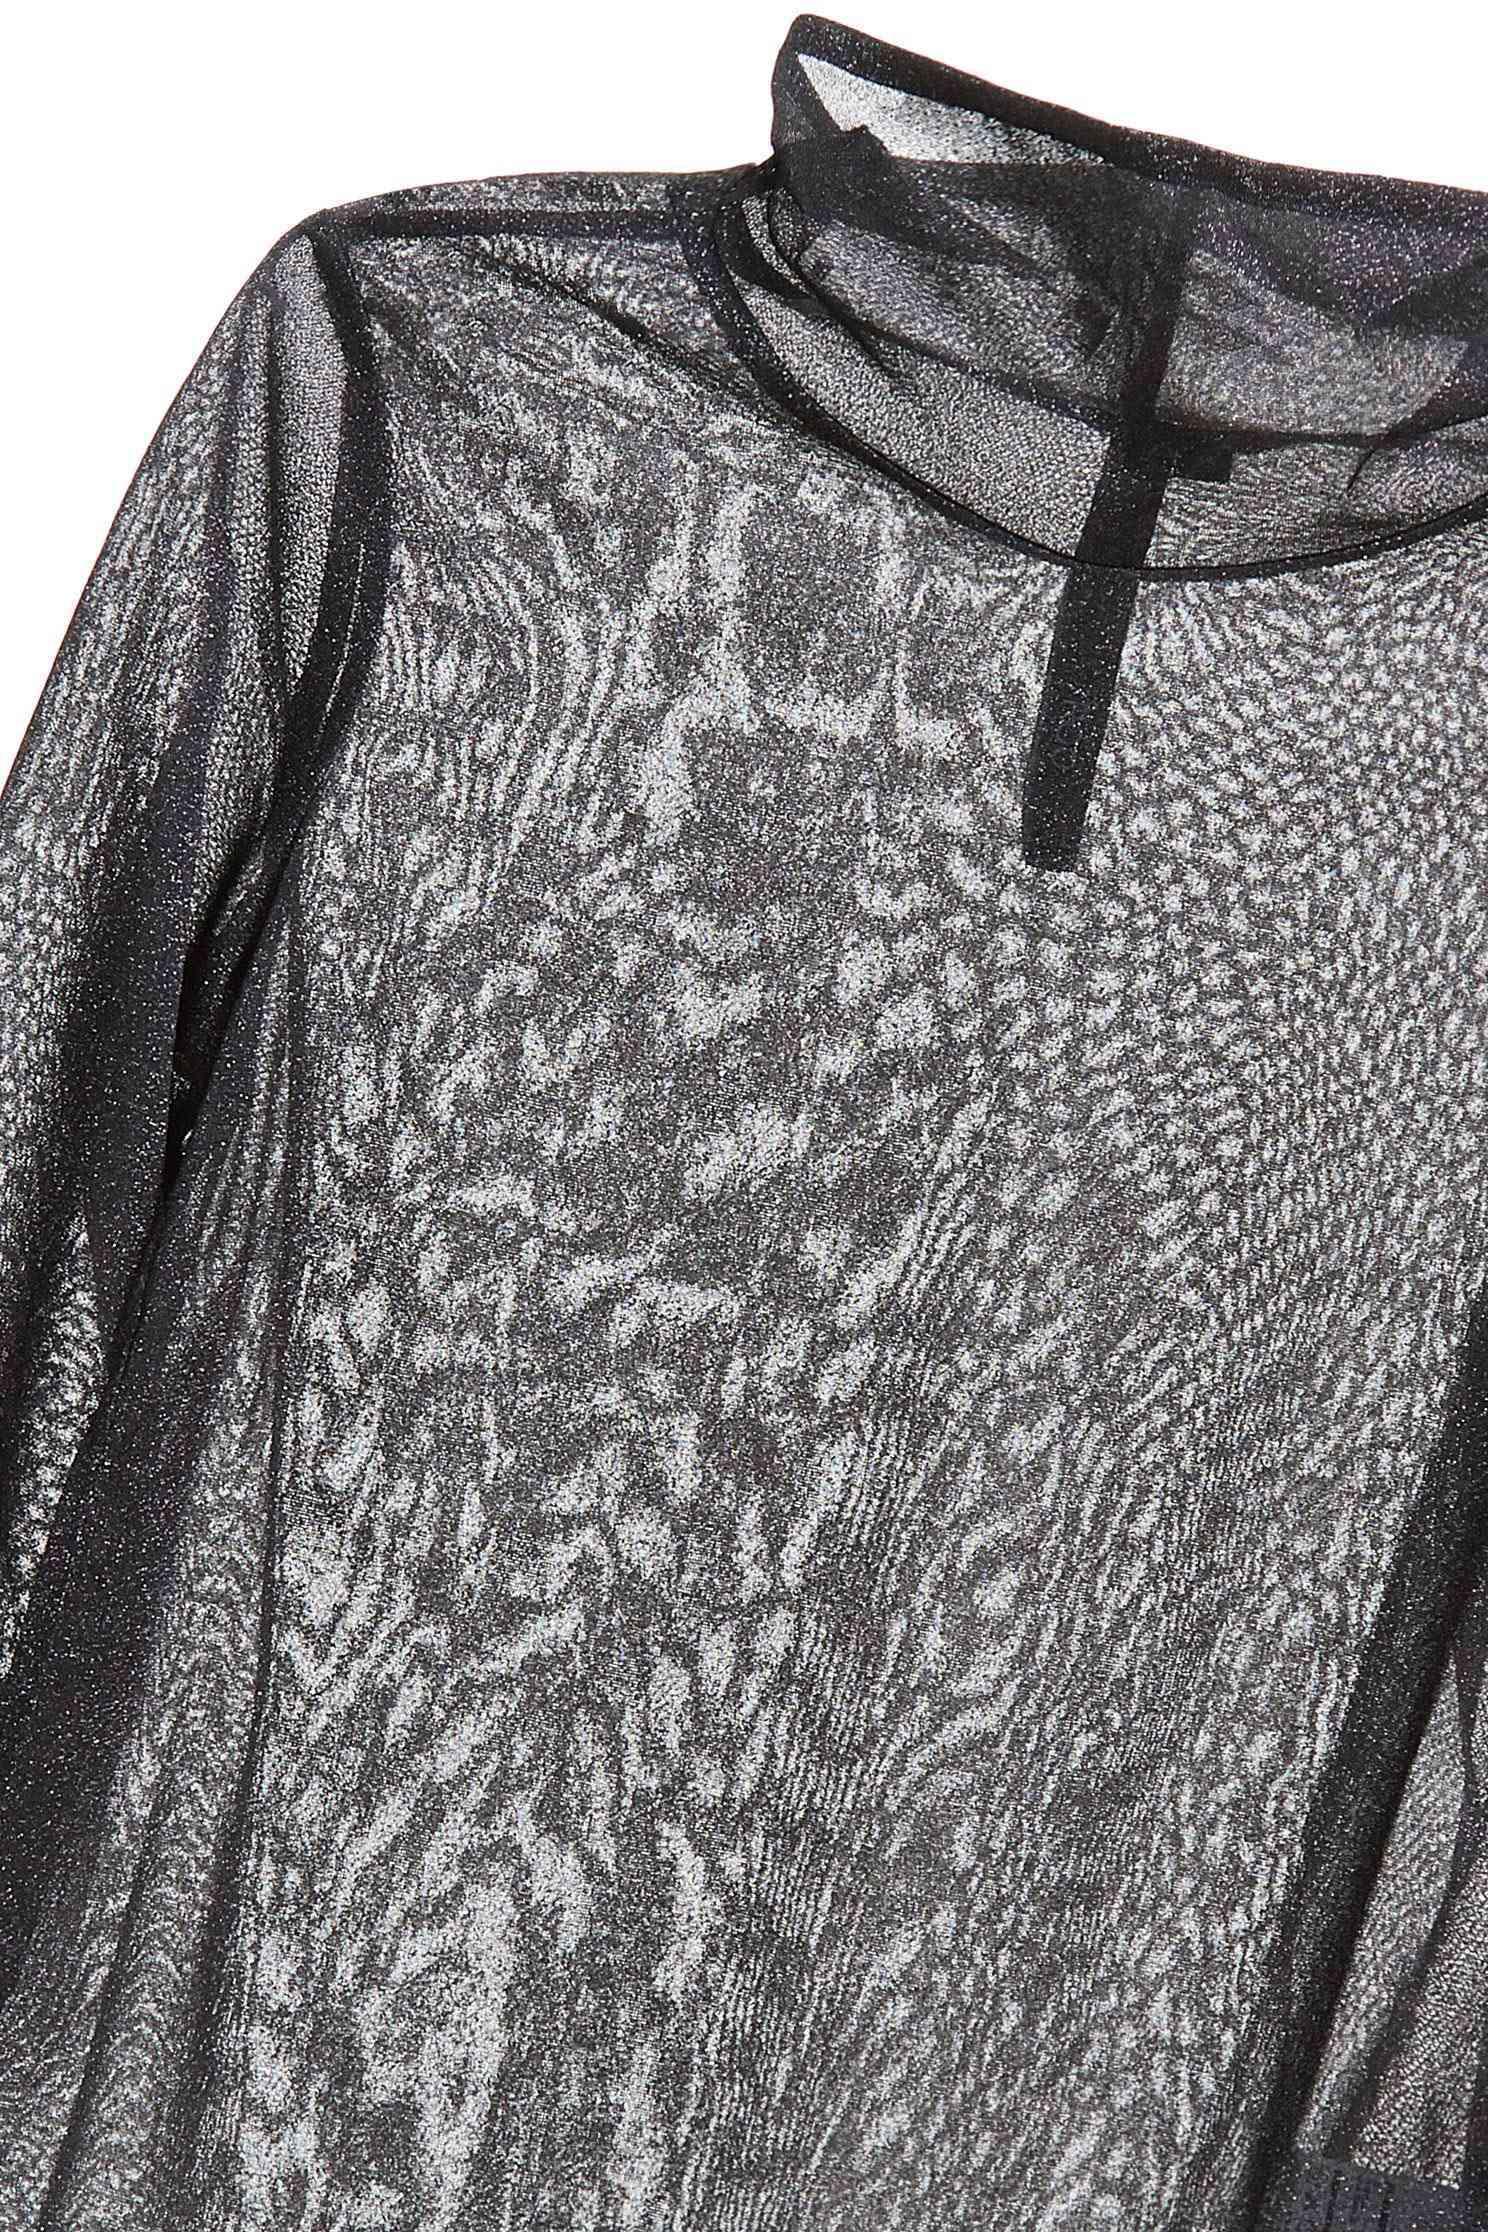 Black gillter turtleneck top,top,see-throughtop,longsleevetop,turtlenecktop,blacktop